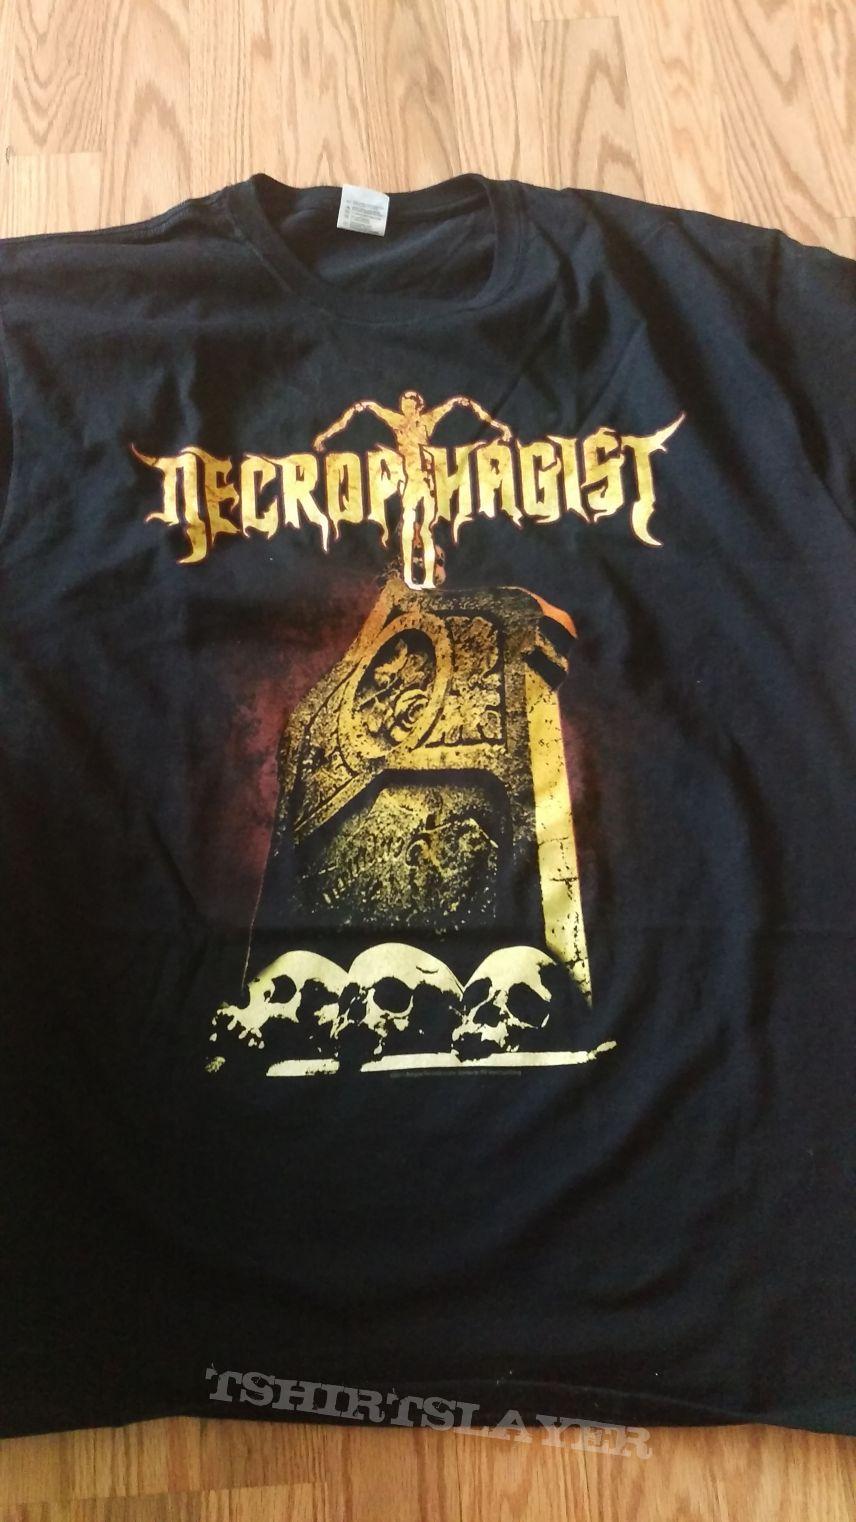 Necrophagist shirt